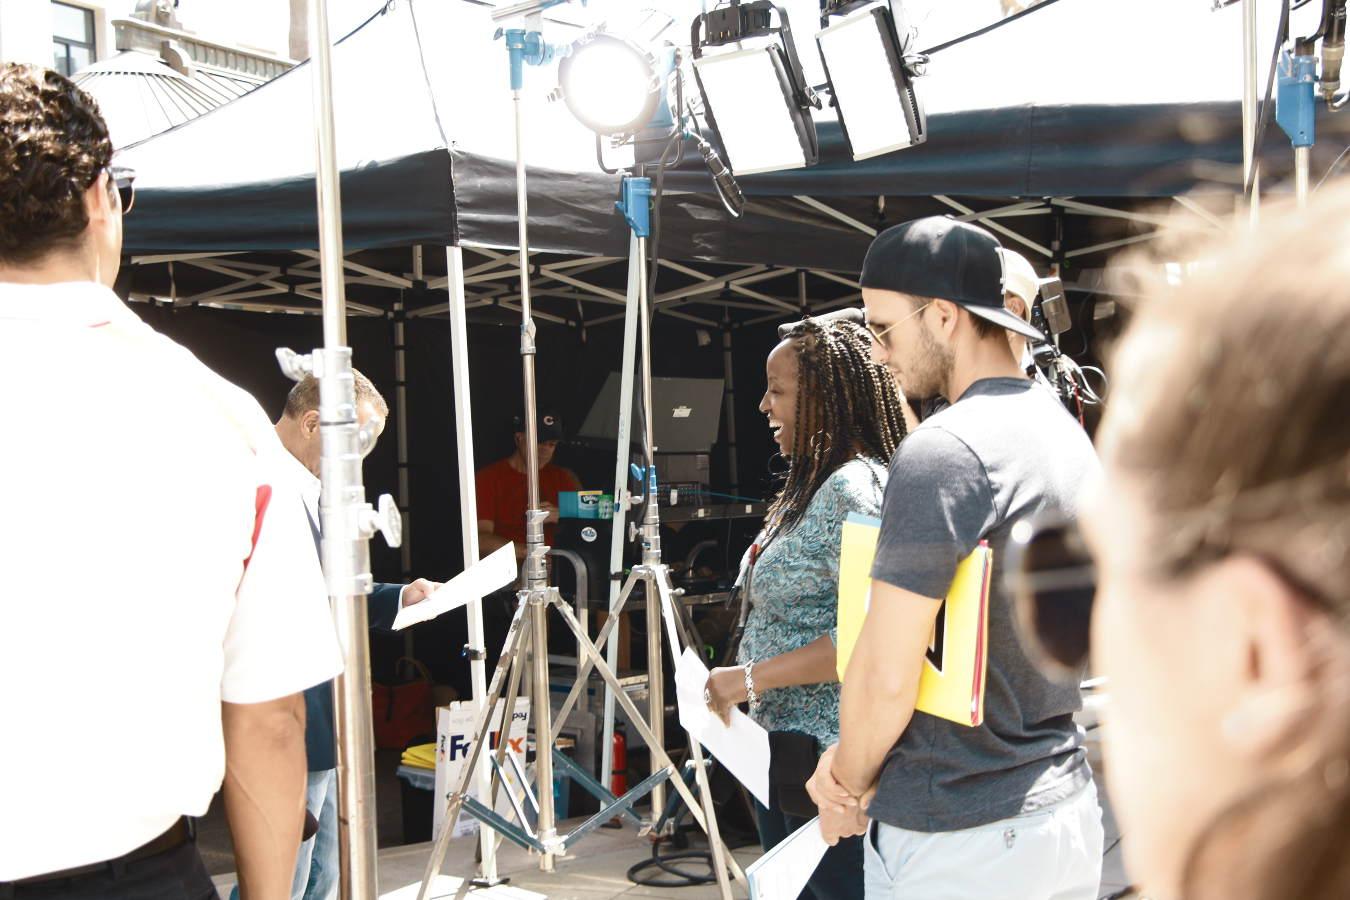 camera setup film crew